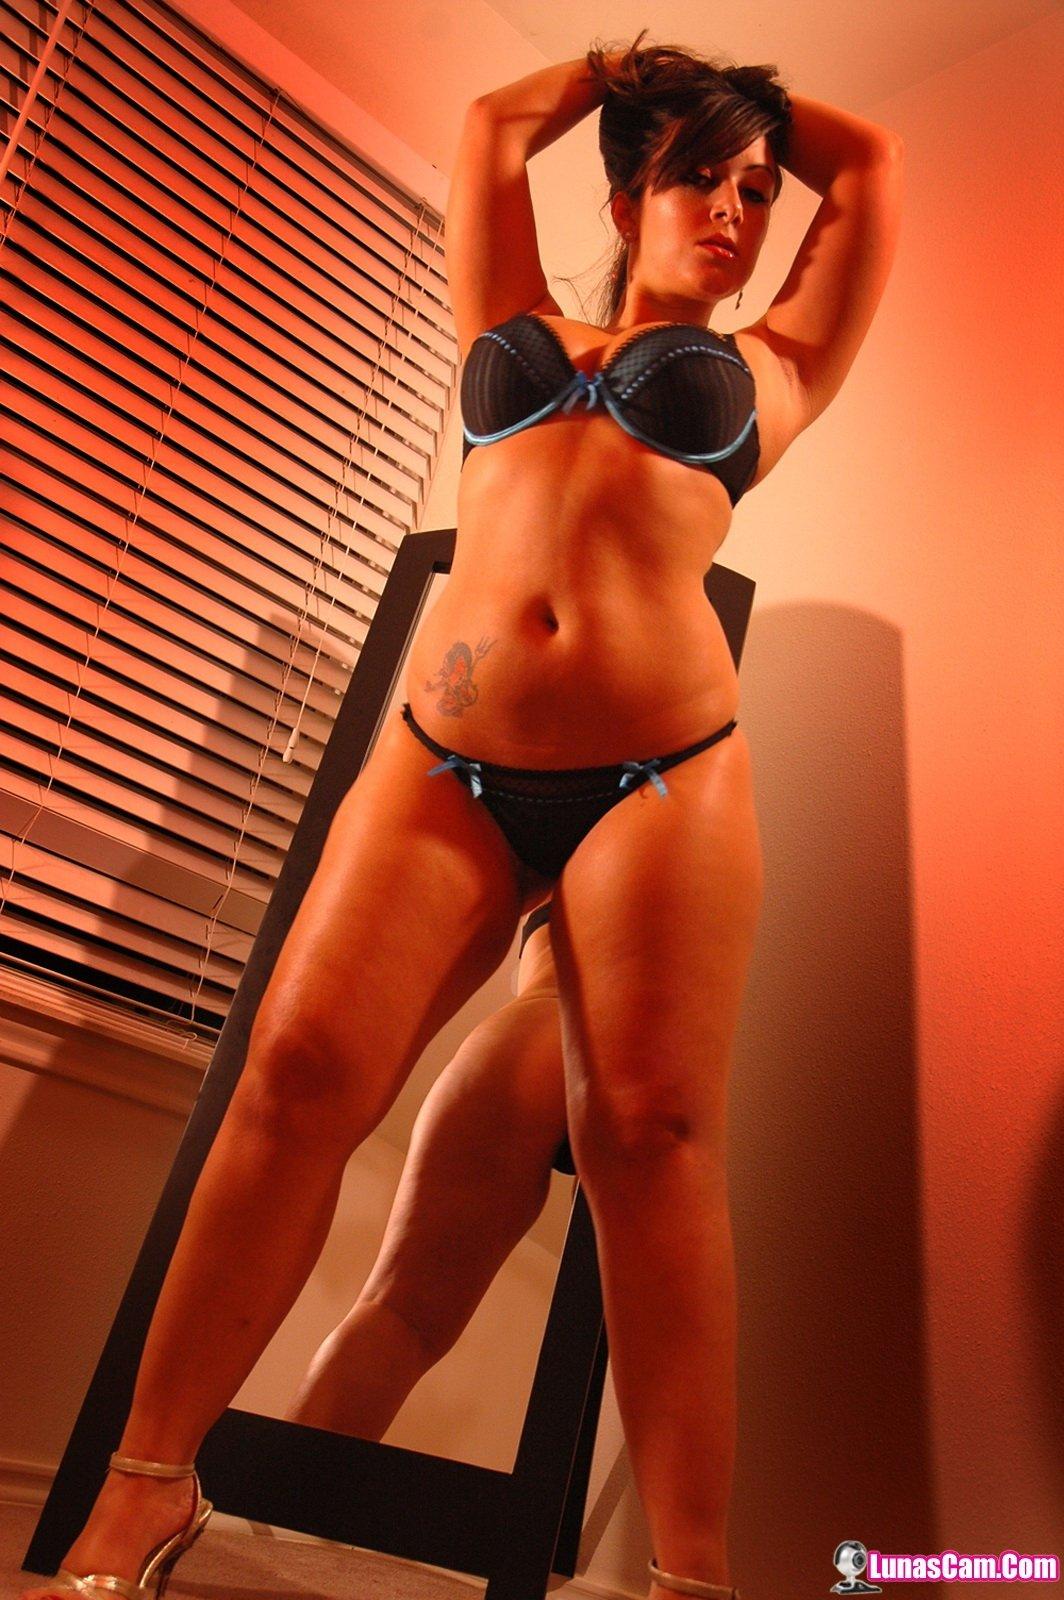 Латиноамериканка - Порно фото галерея 907694